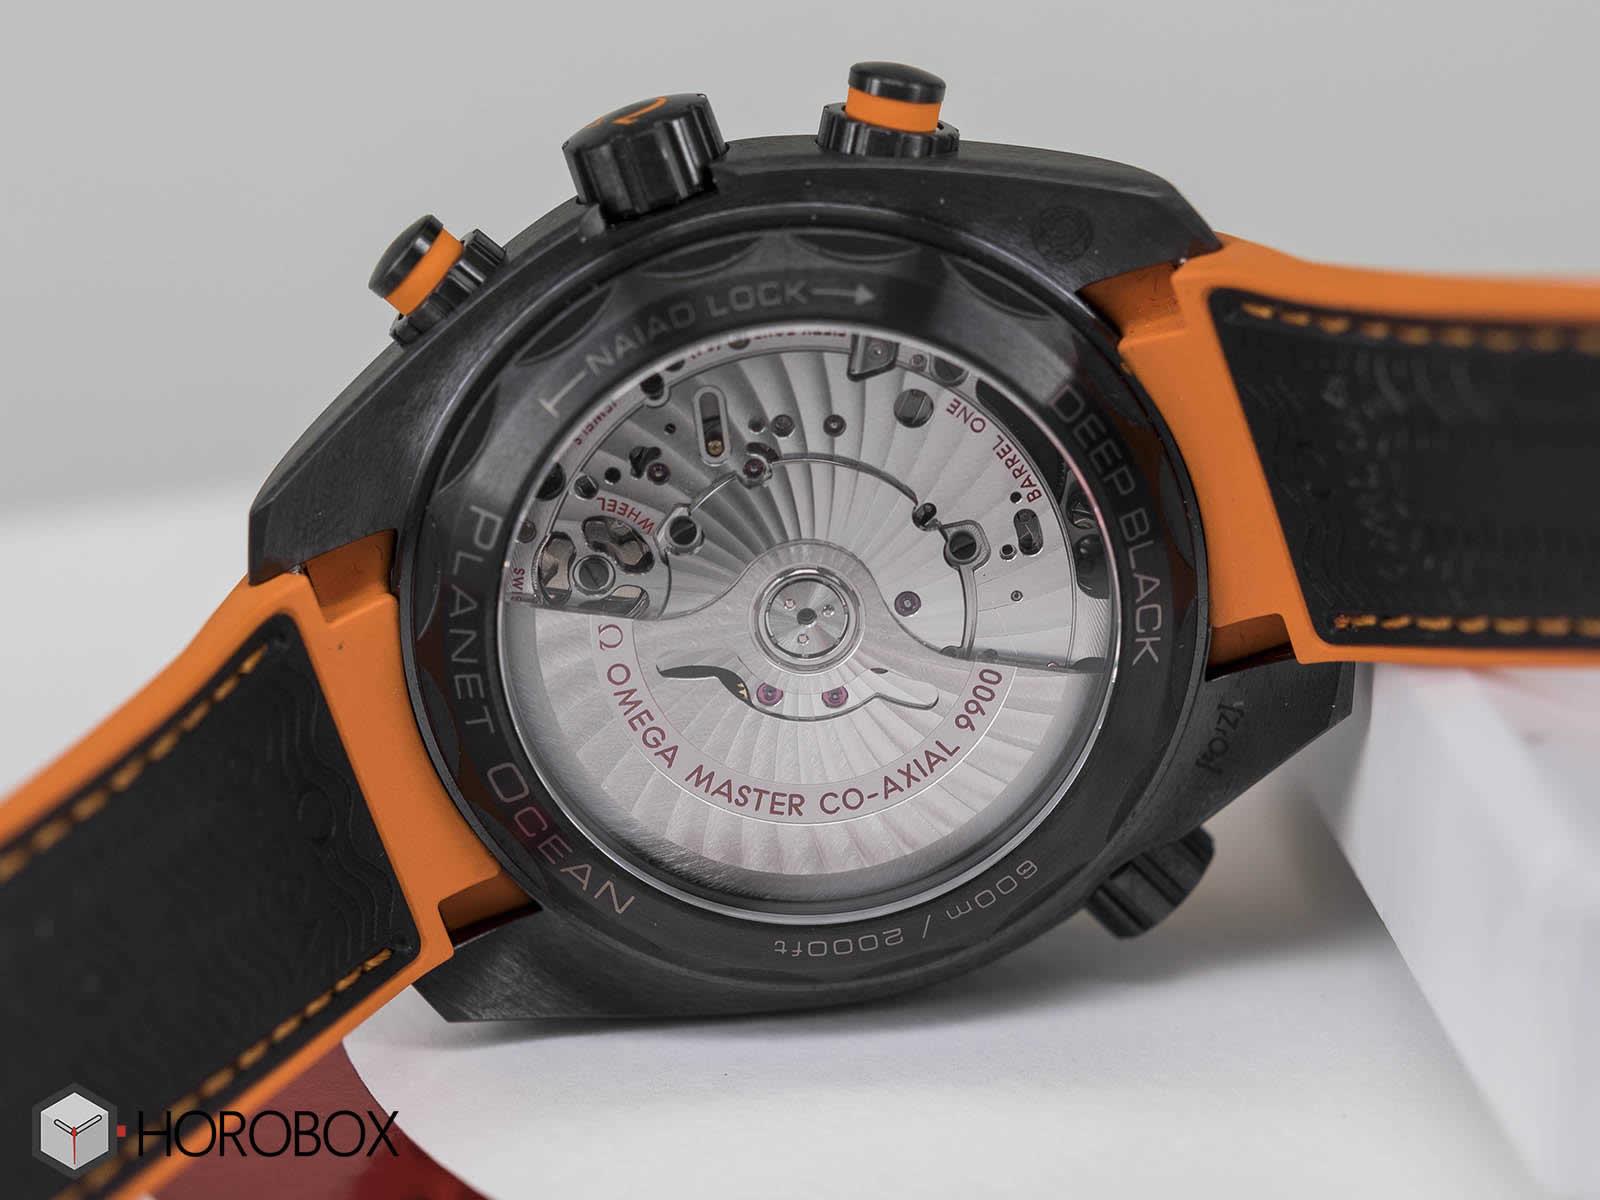 omega-planet-ocean-chronograph-master-chronometer-215-92-46-51-01-001-8-.jpg